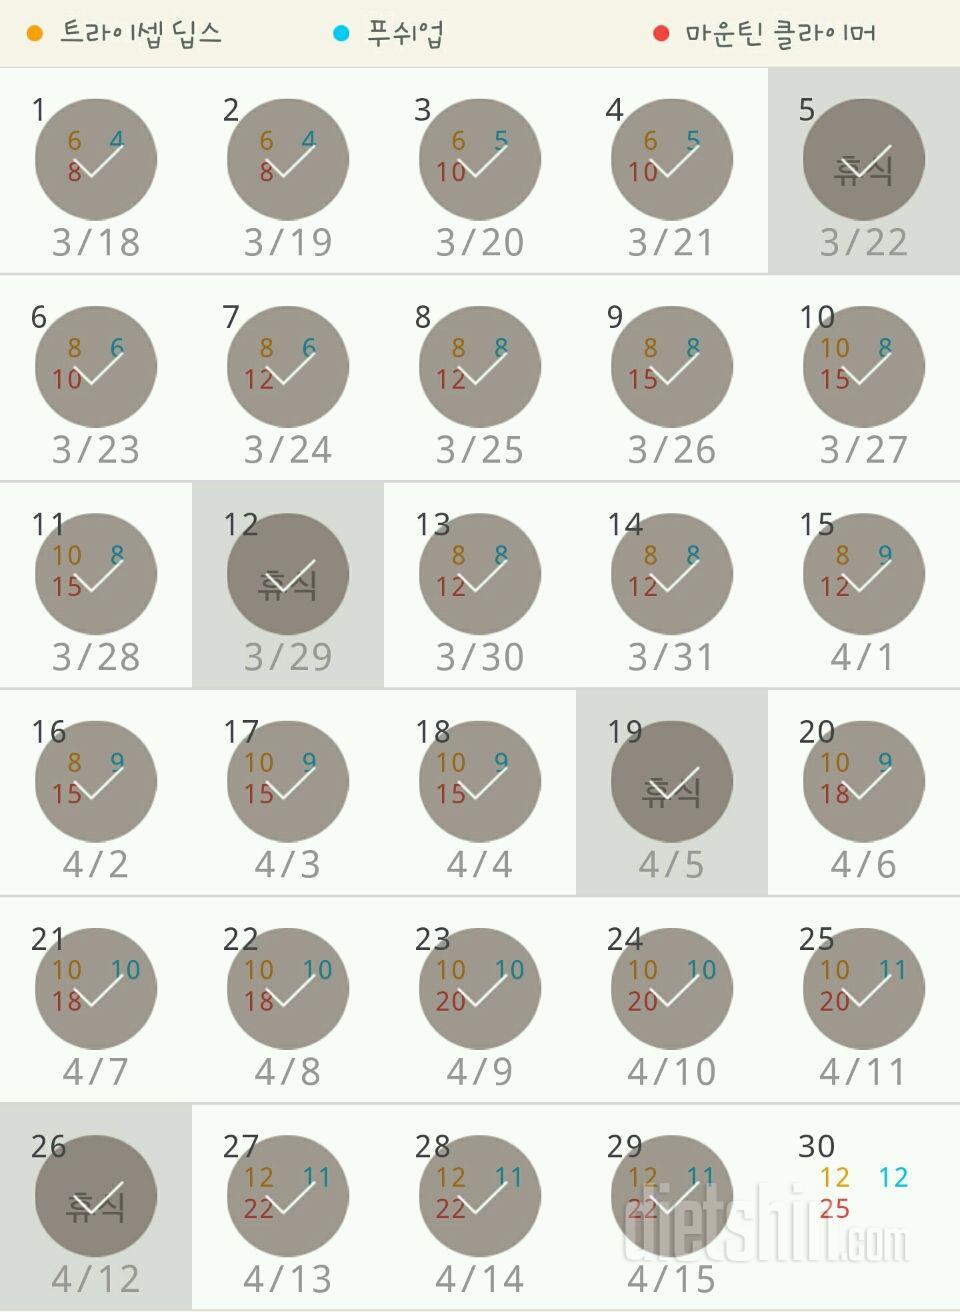 30일 슬림한 팔 299일차 성공!